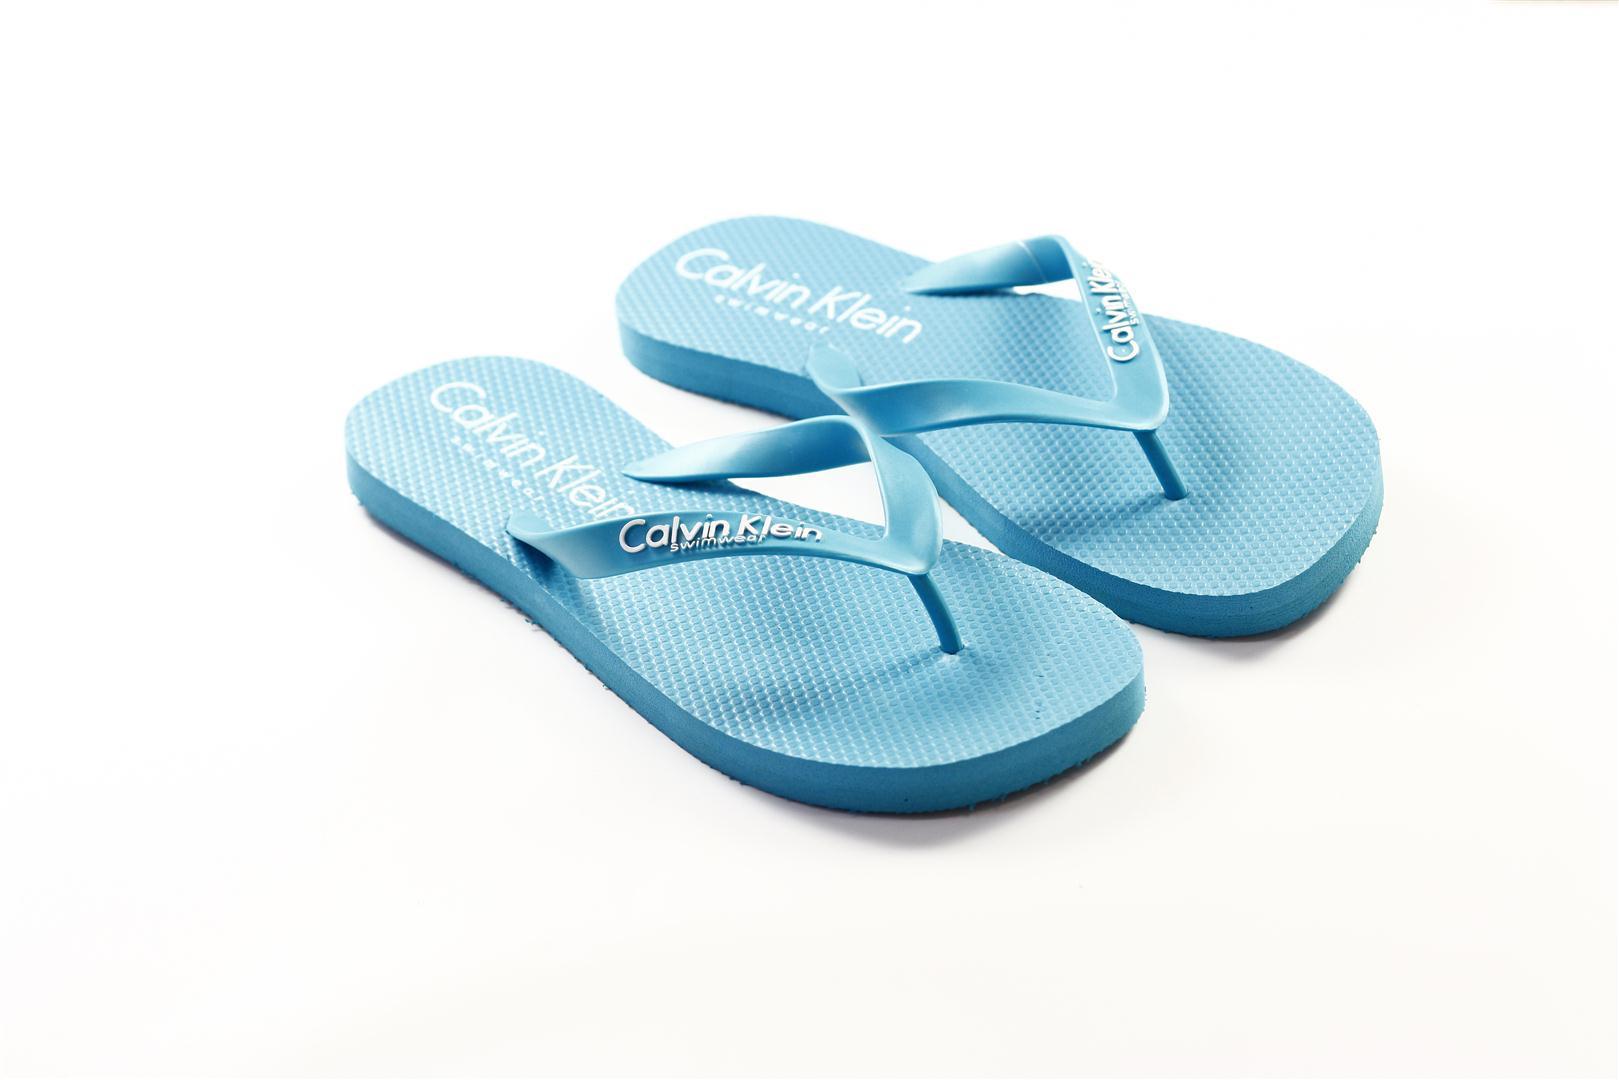 Pánská plážová obuv 58261Z3 - Calvin Klein Barva: zelená, Velikost: M